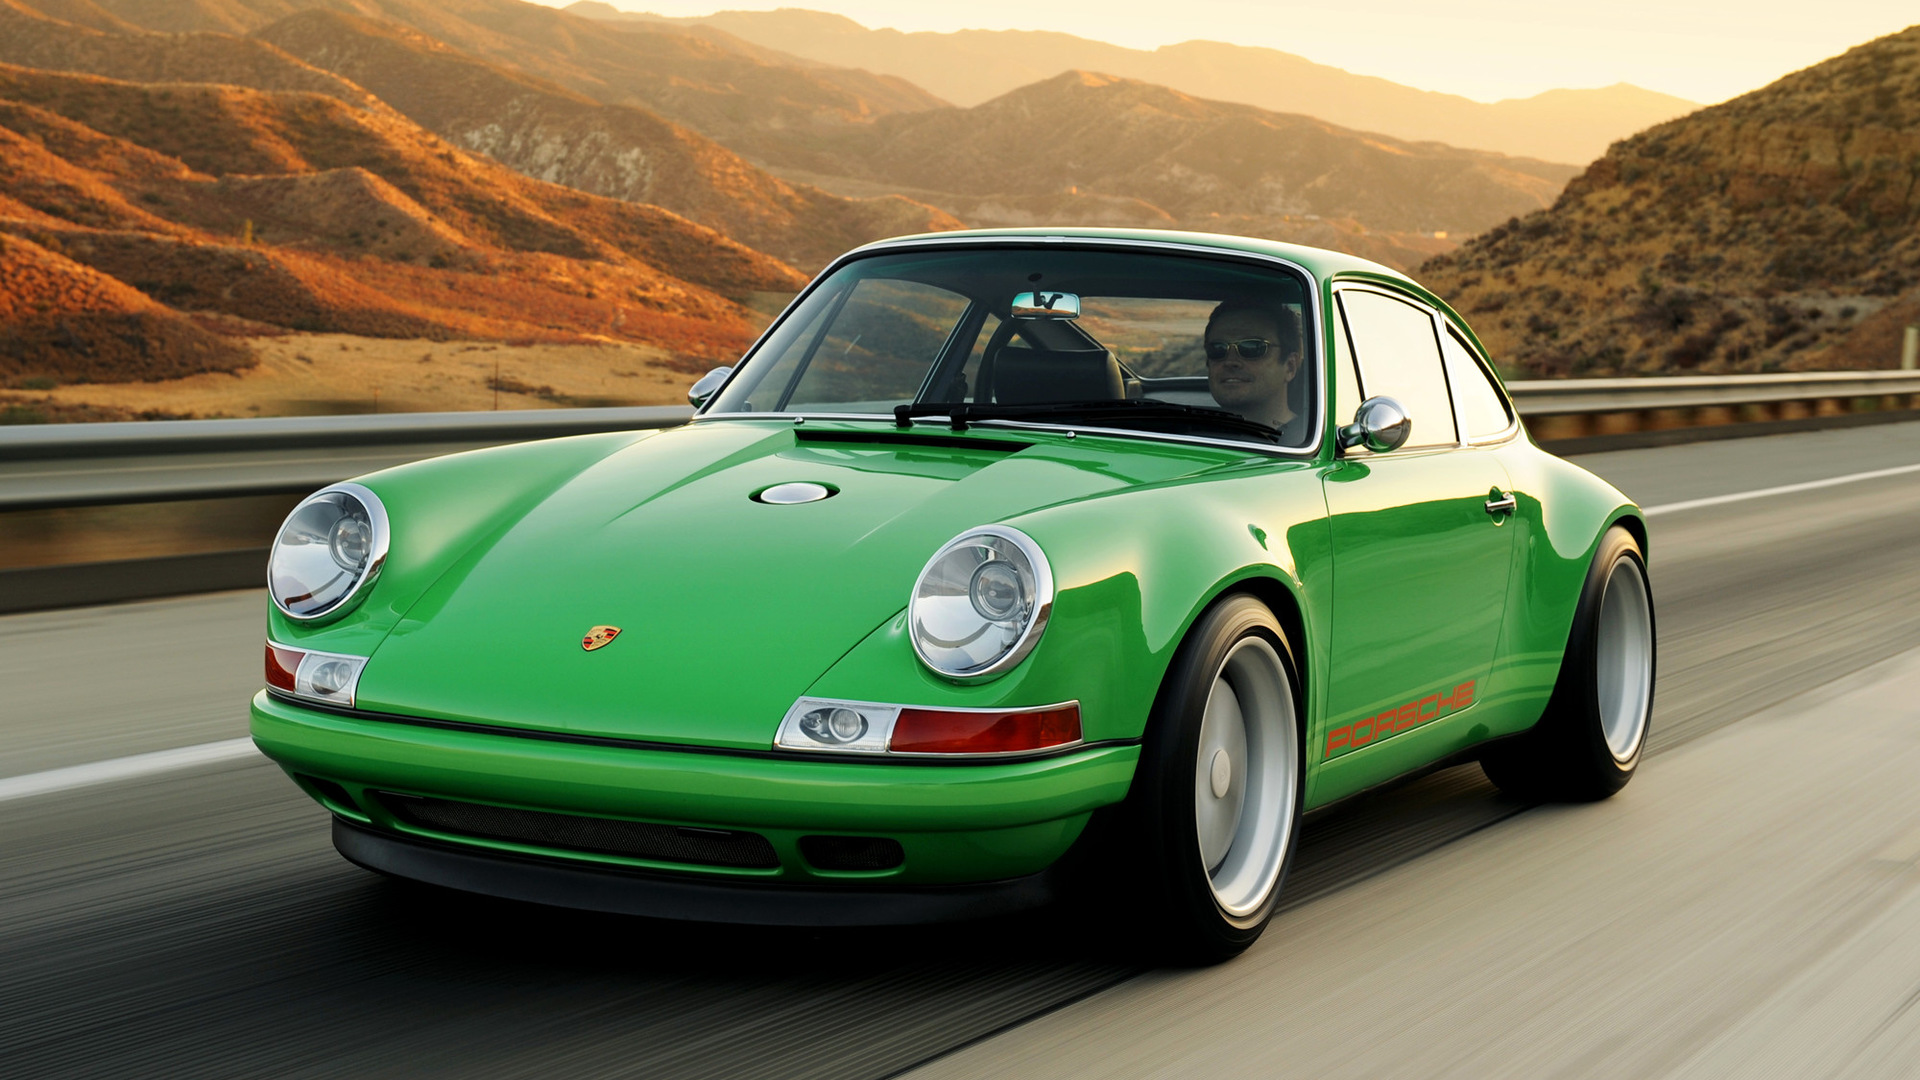 Singer Porsche Green